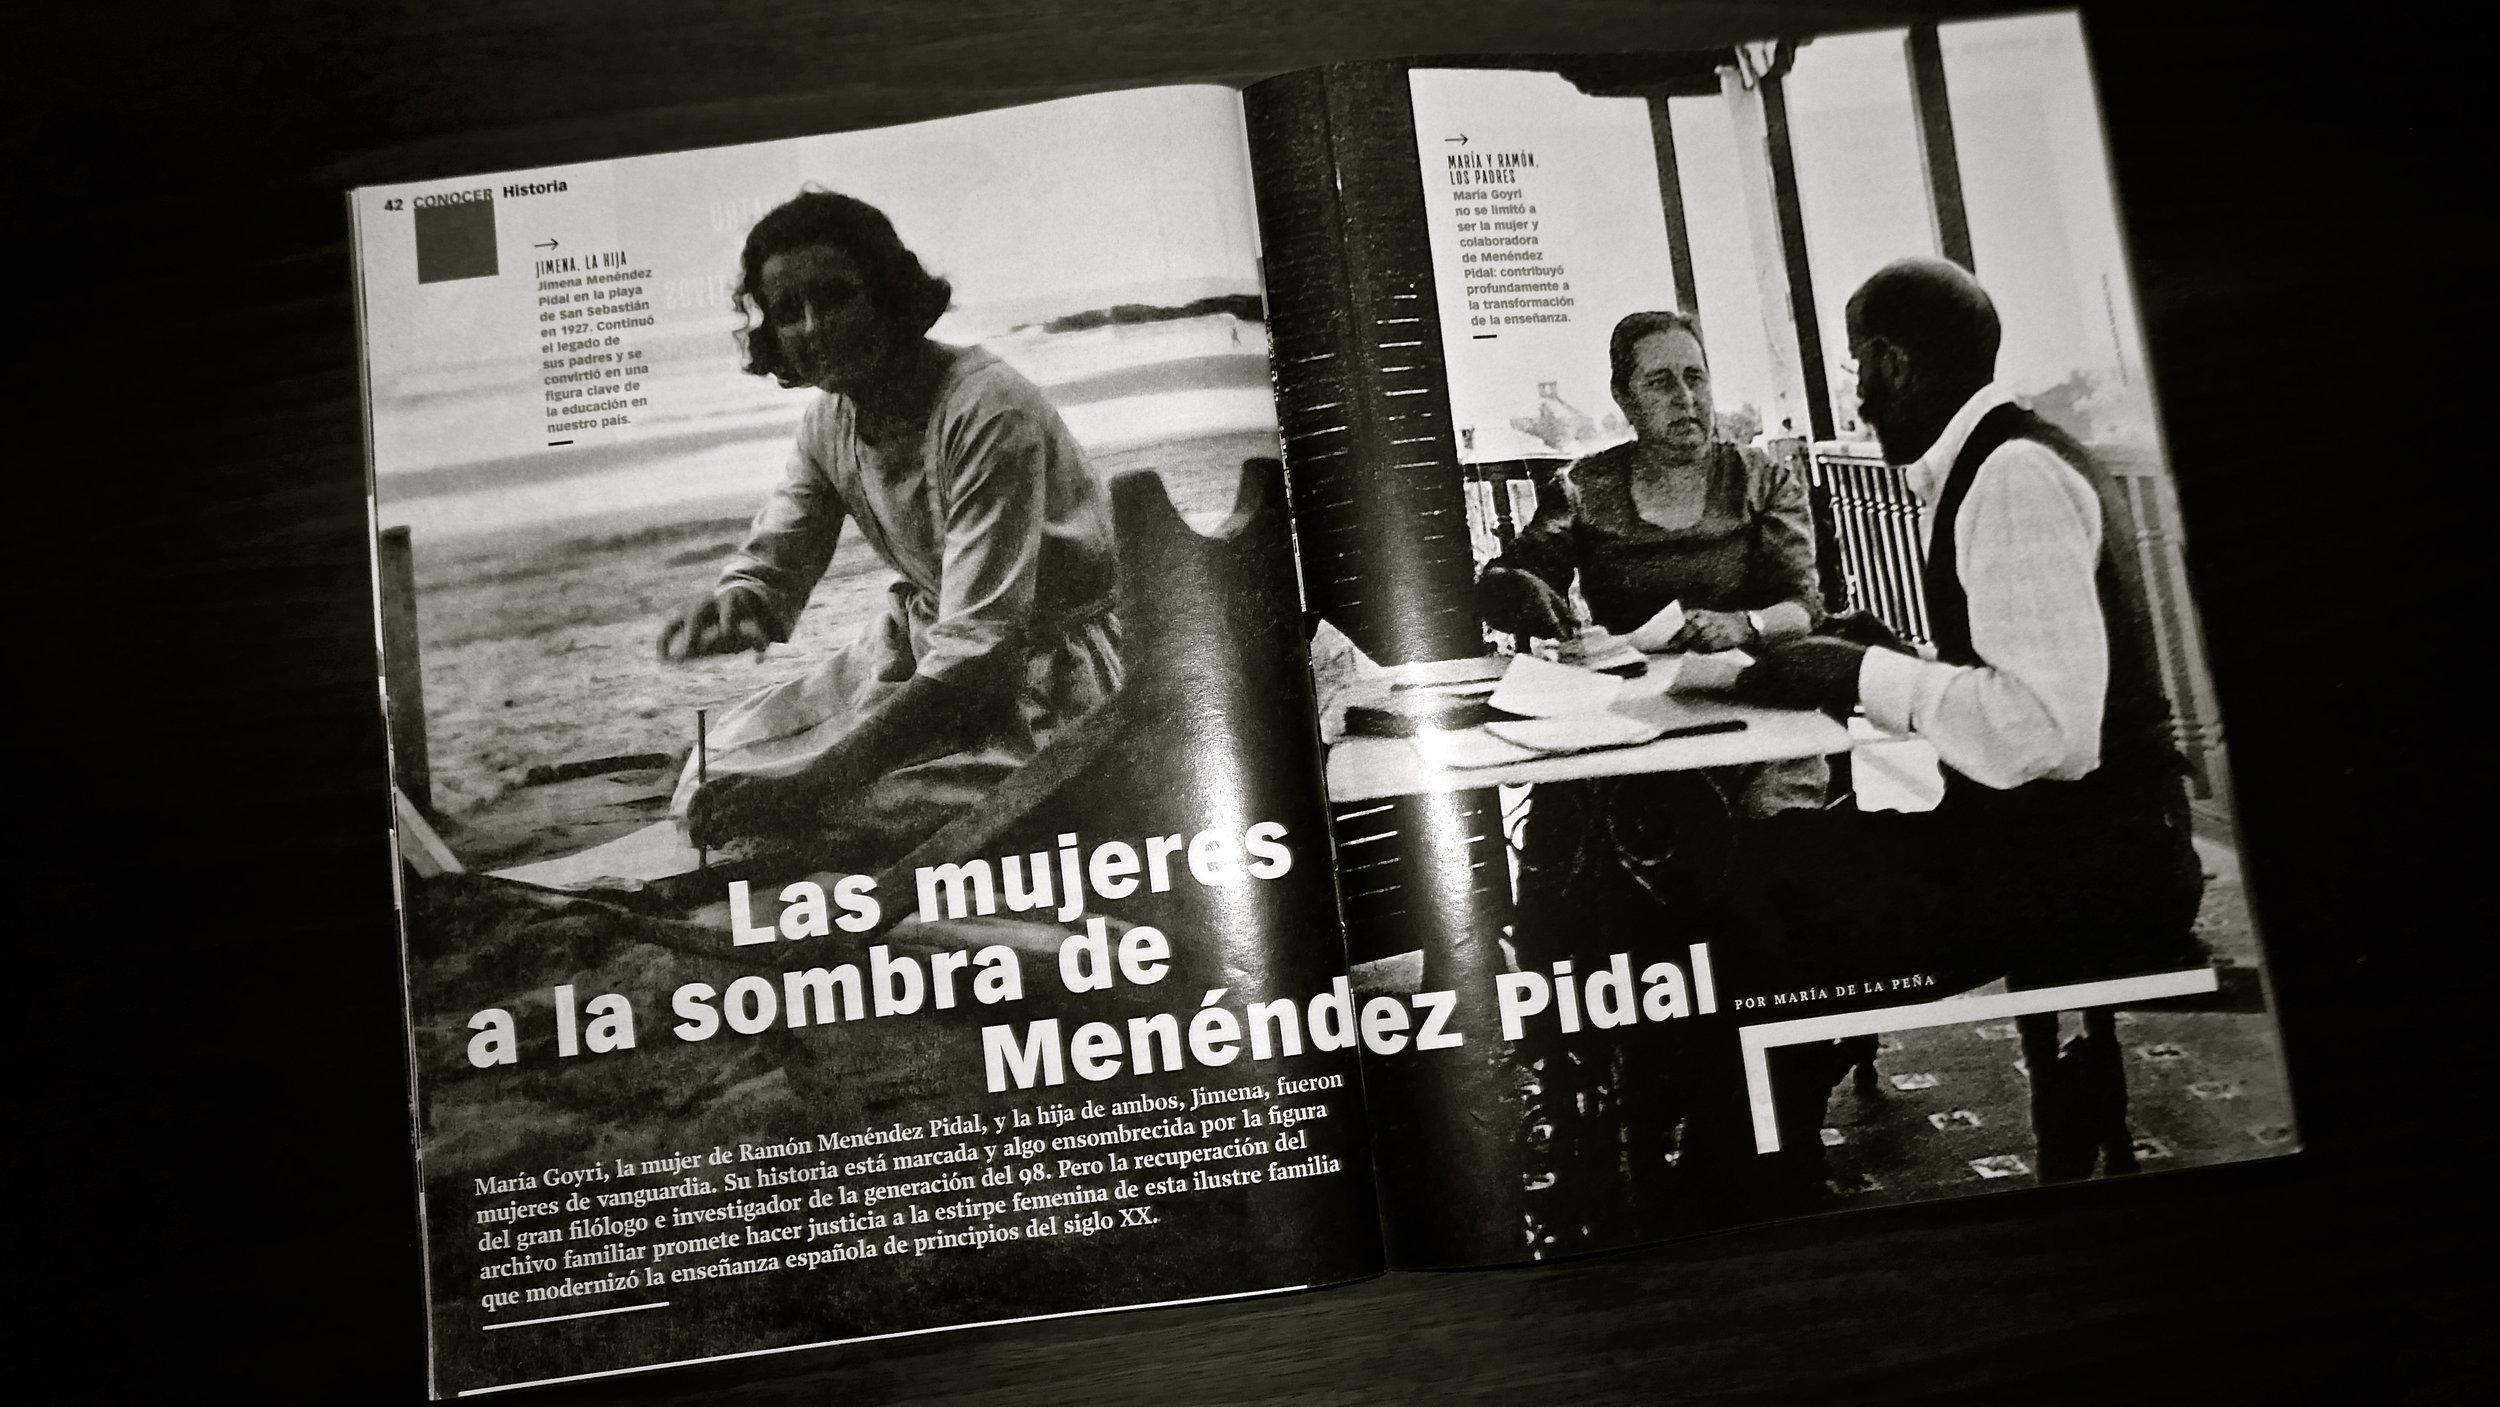 Las mujeres a la sombra de Menéndz Pidal bn